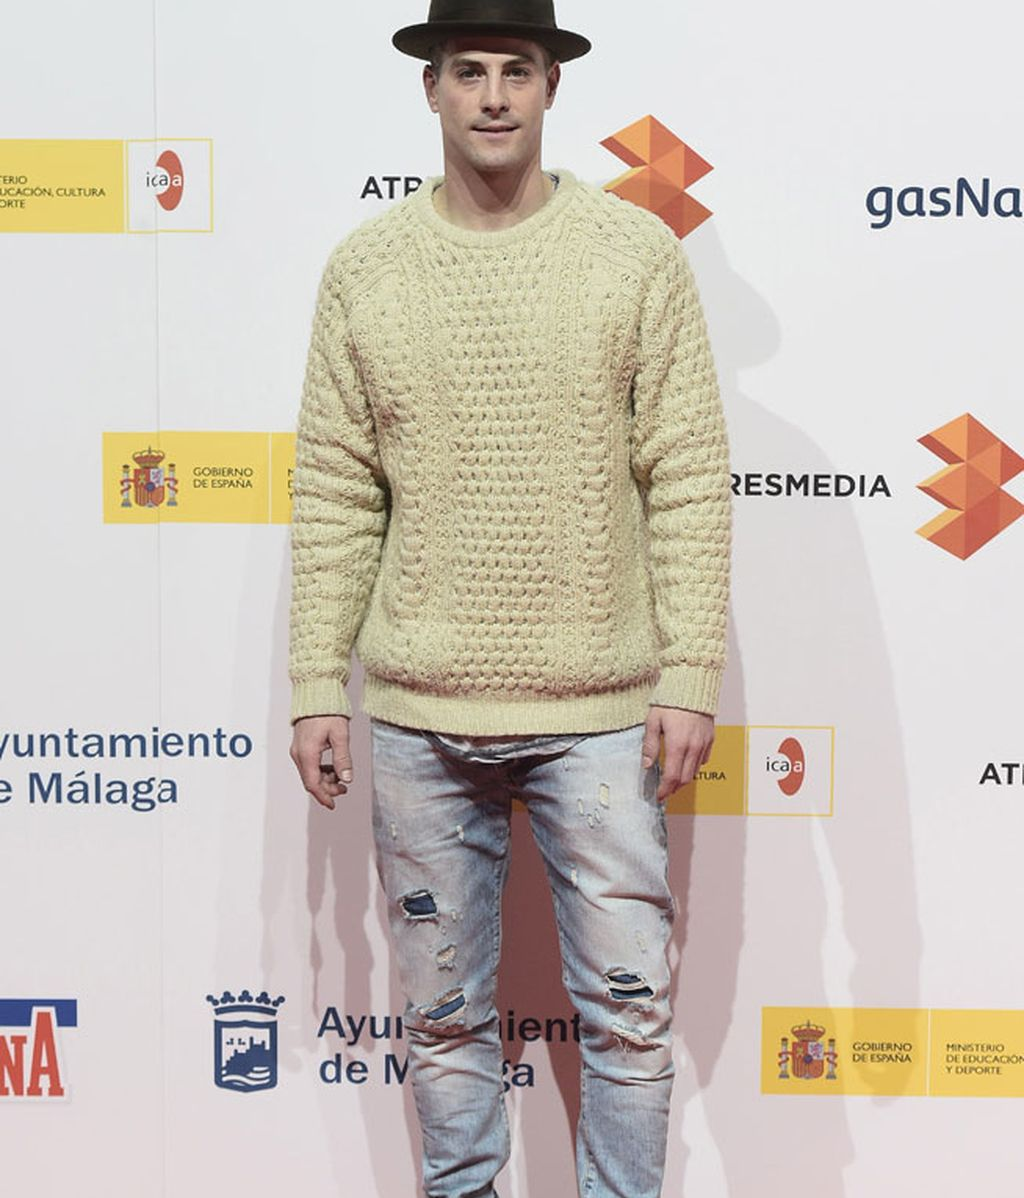 El actor de la serie de Telecinco 'Los Nuestos', con jeans, jersey y sombrero